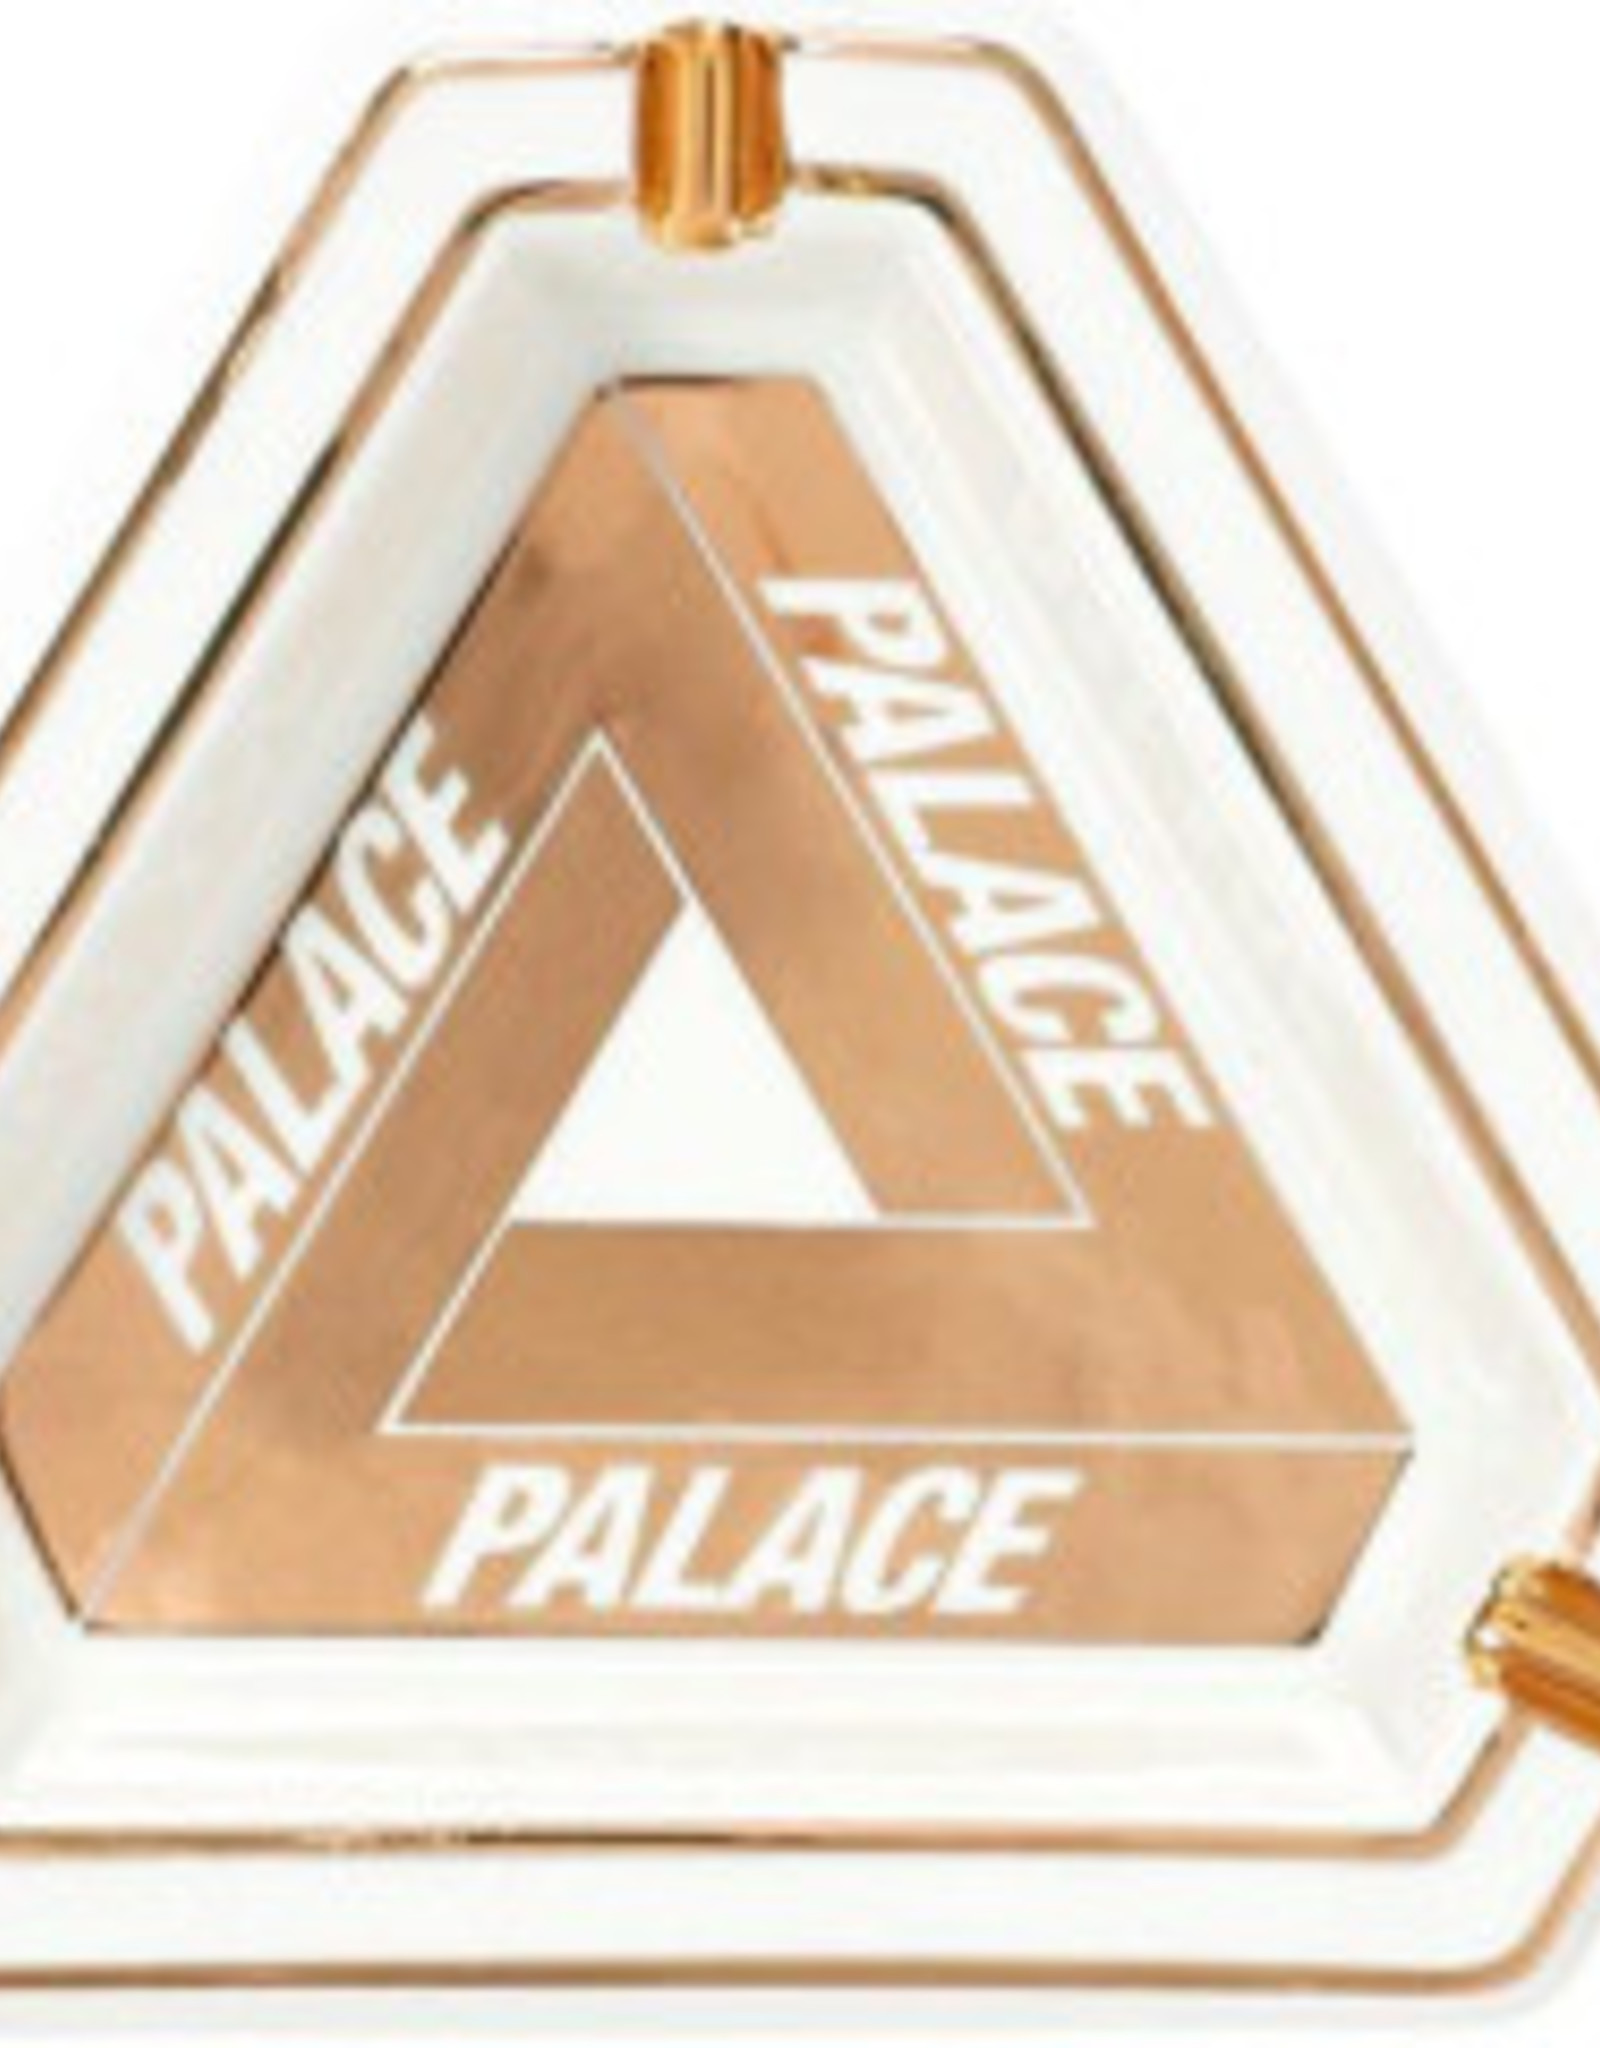 PALACE DOUSED-PALACE TRI-FERG CARAMIC ASHTRAY WHITE DSQ